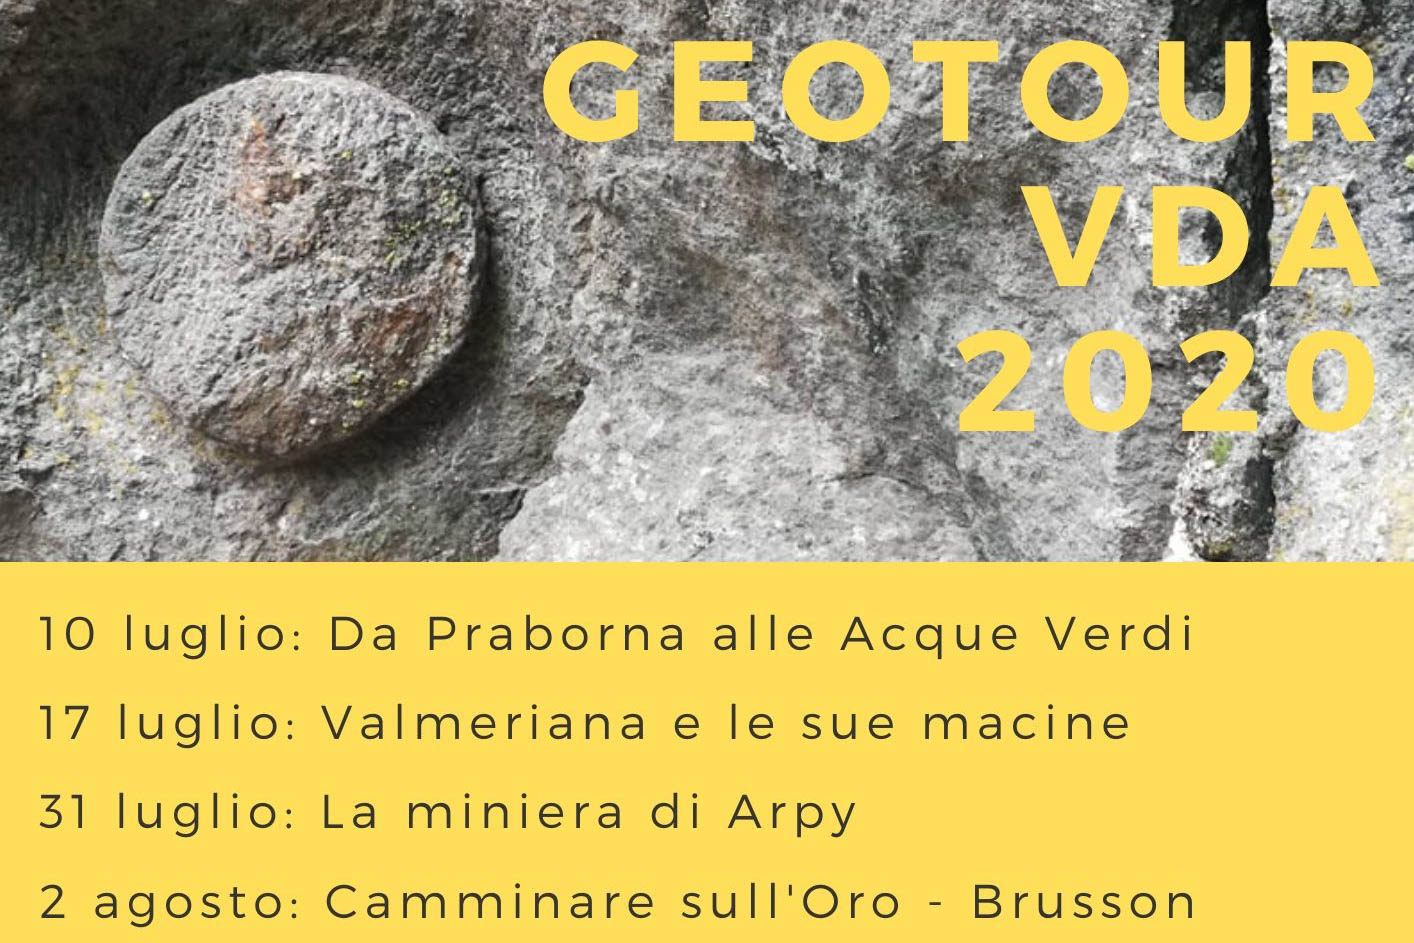 Geotour - Miniere Saint Marcel